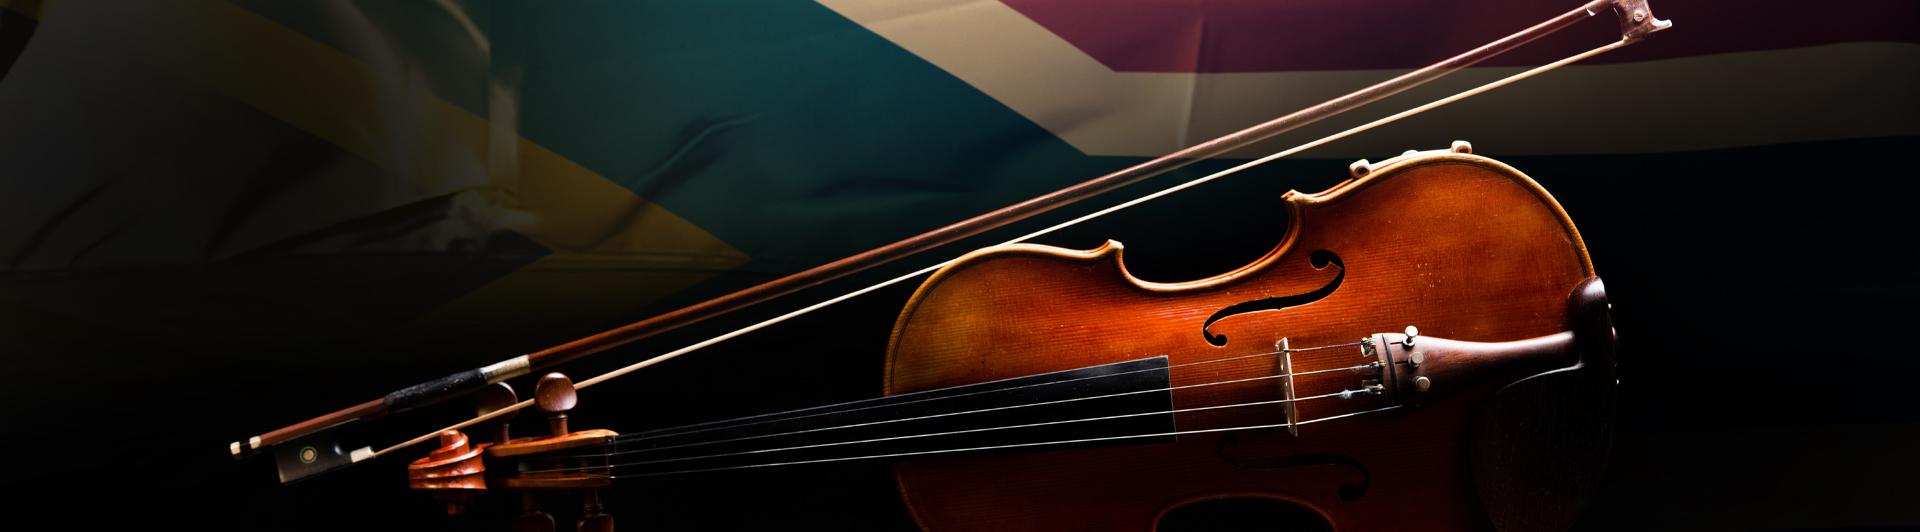 Odeion String Quartet - South African National Anthem